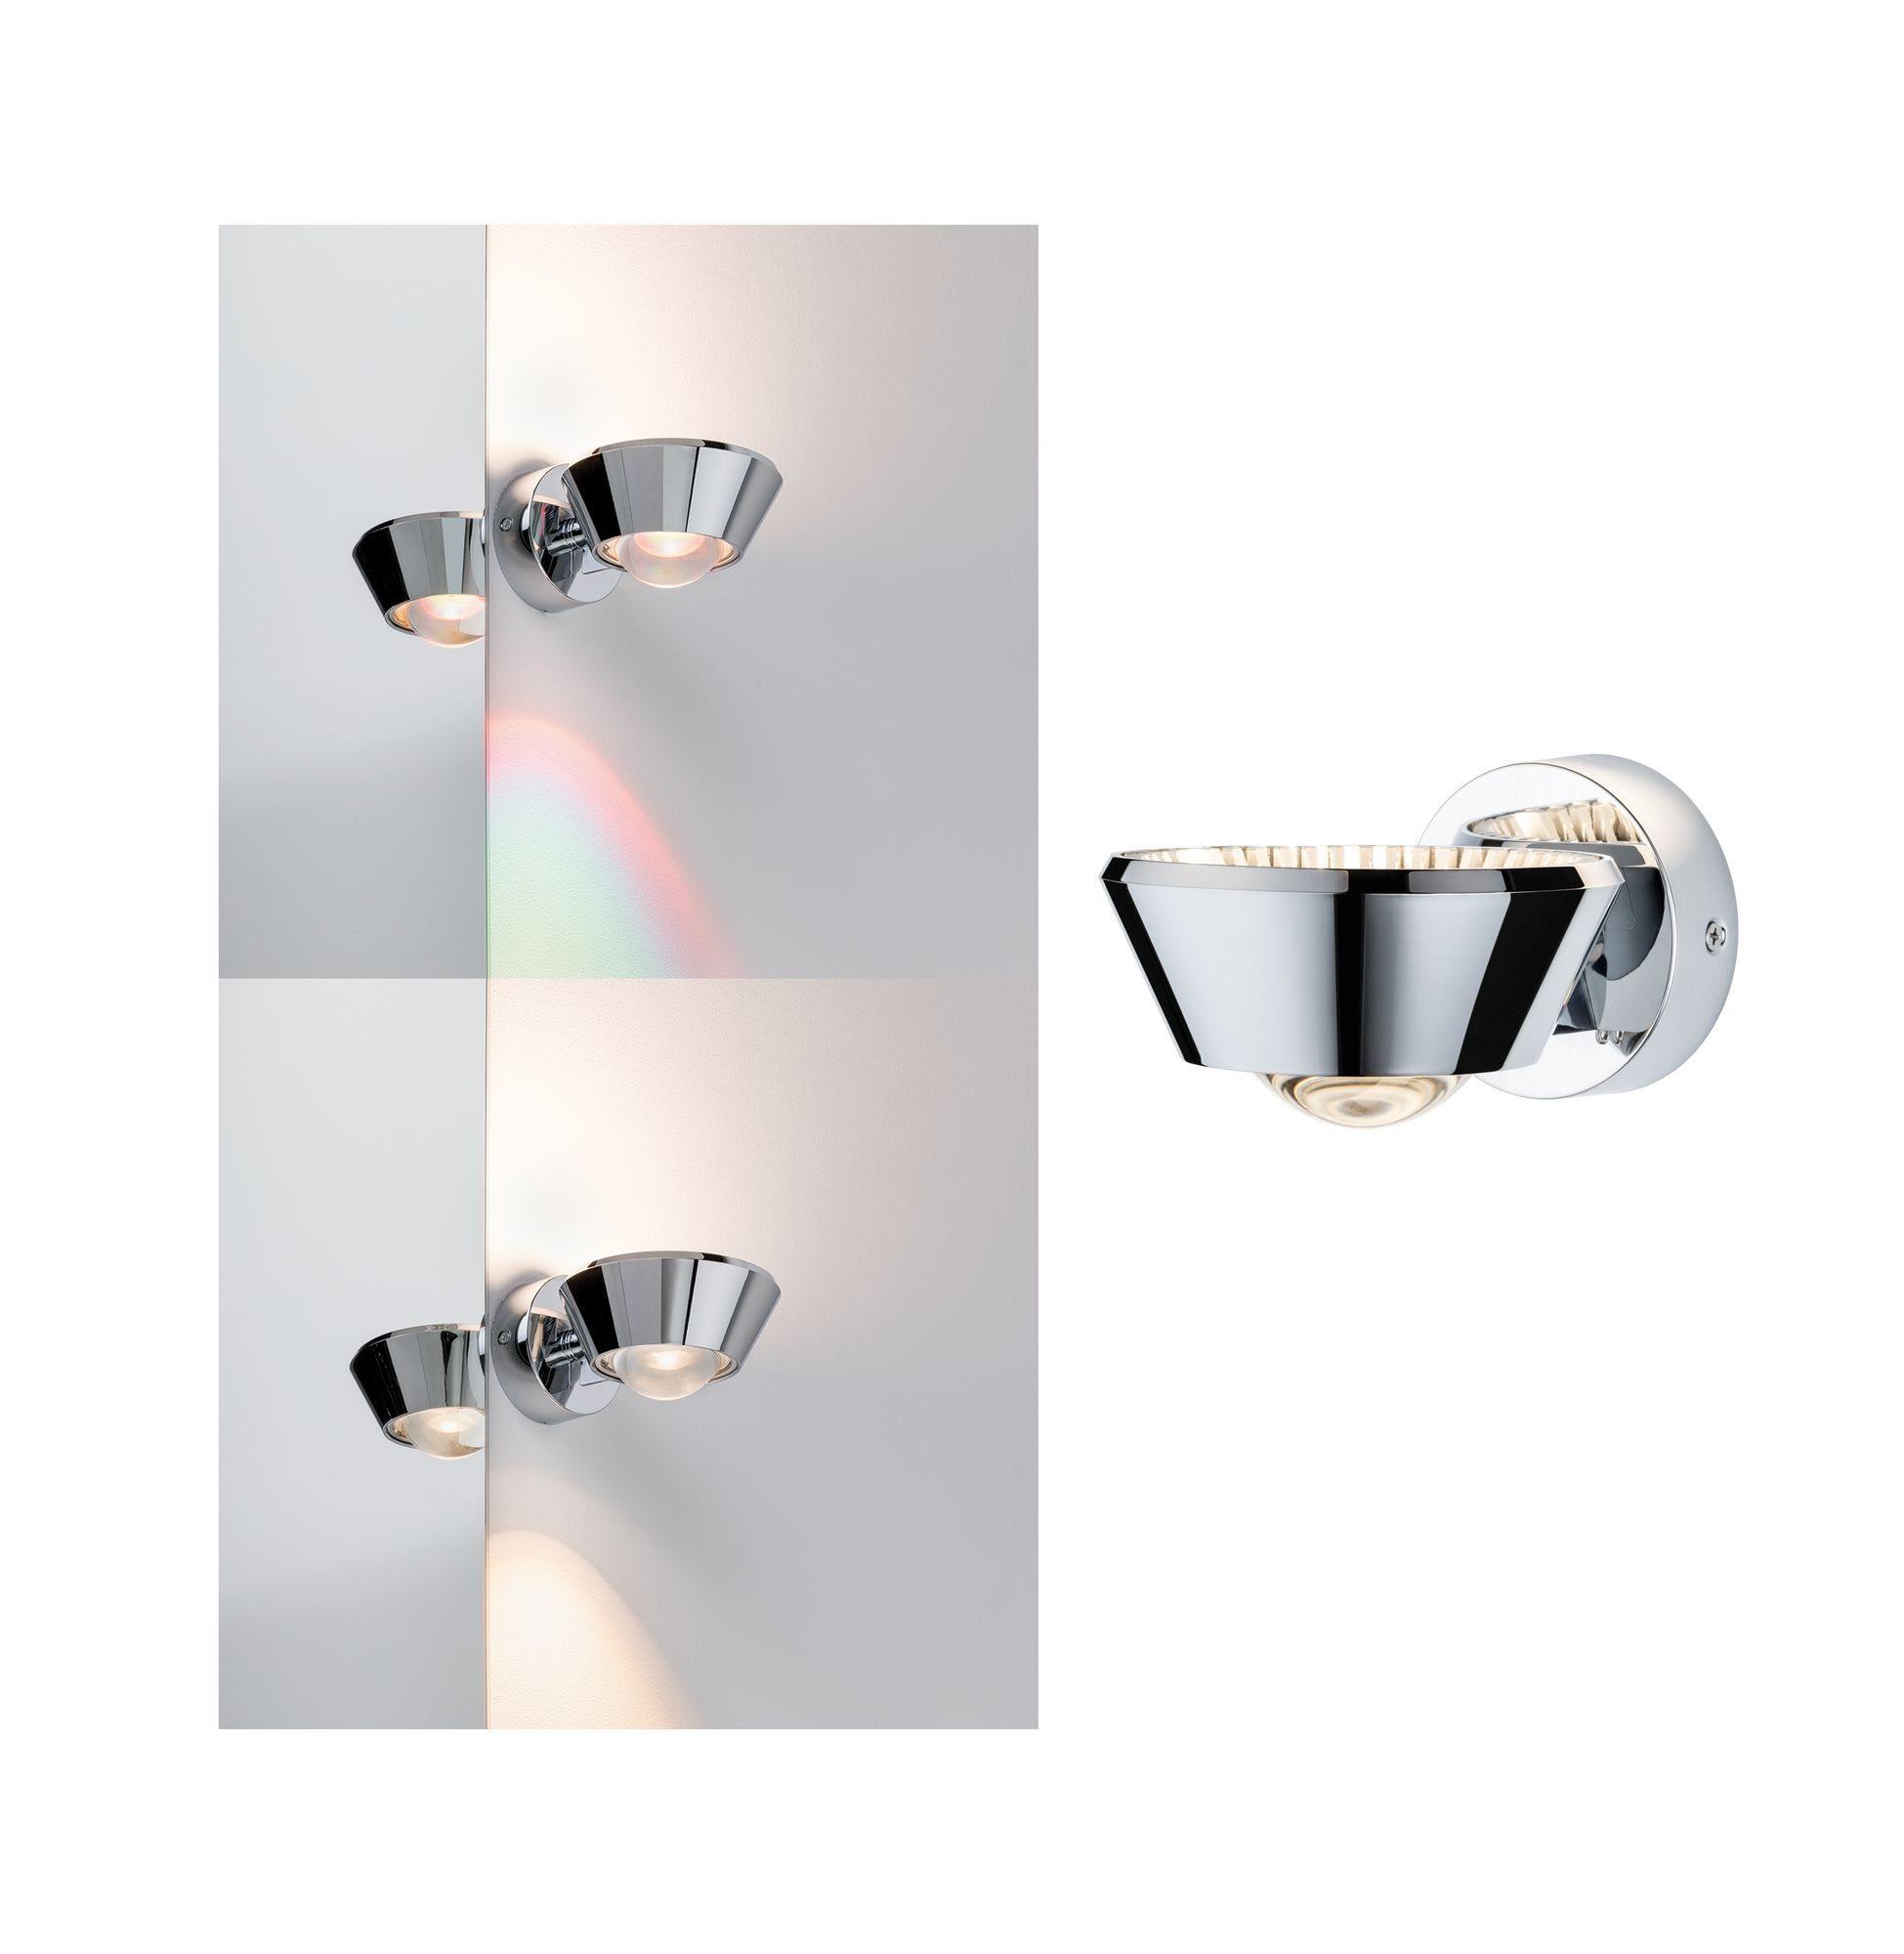 Paulmann LED Wandleuchte Sabik 13W Chrom dimmbar, 1 St., Warmweiß